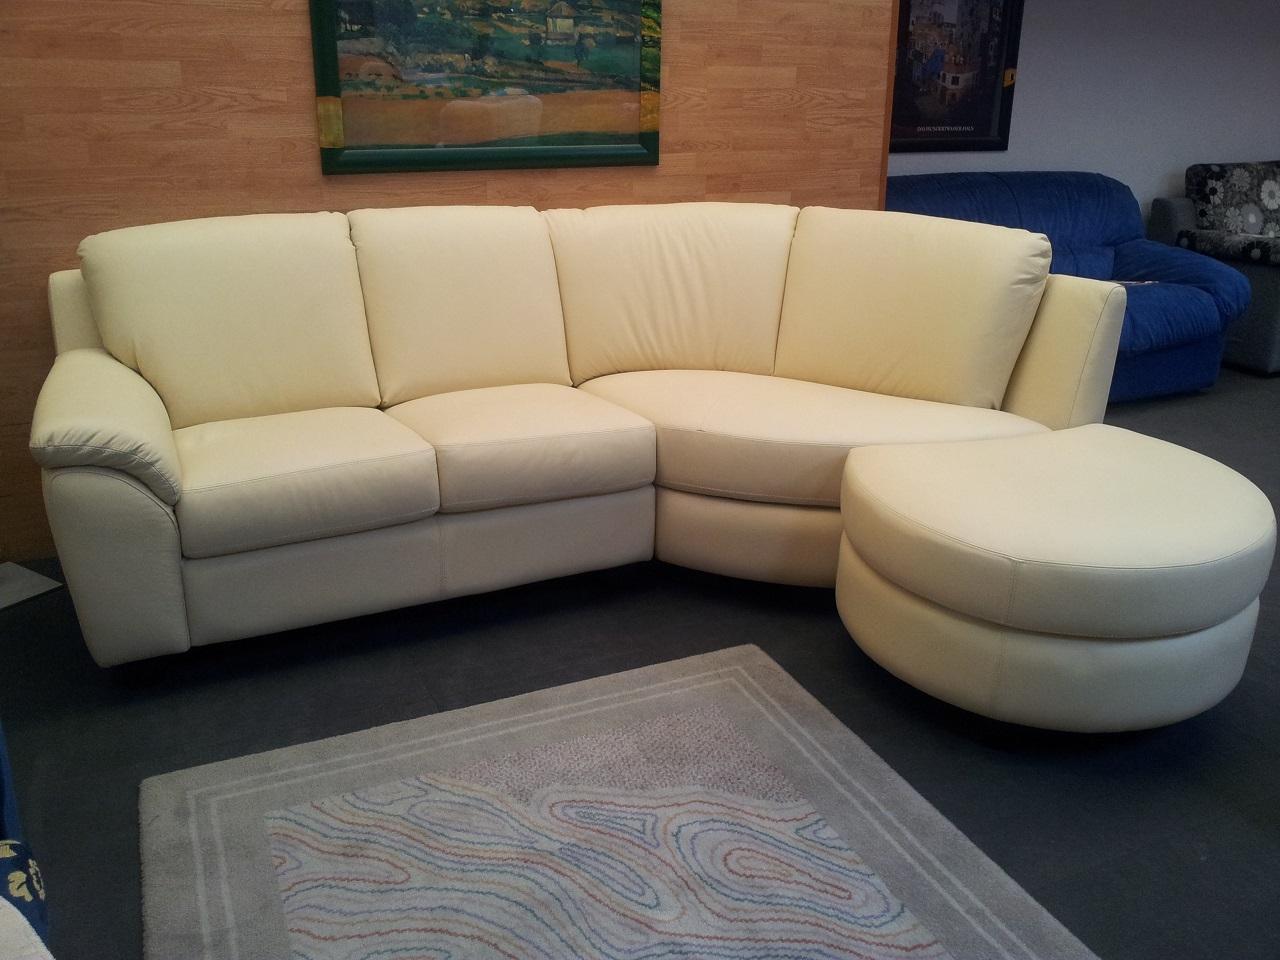 Divani angolari beige idee per il design della casa - Ikea divano angolare ...